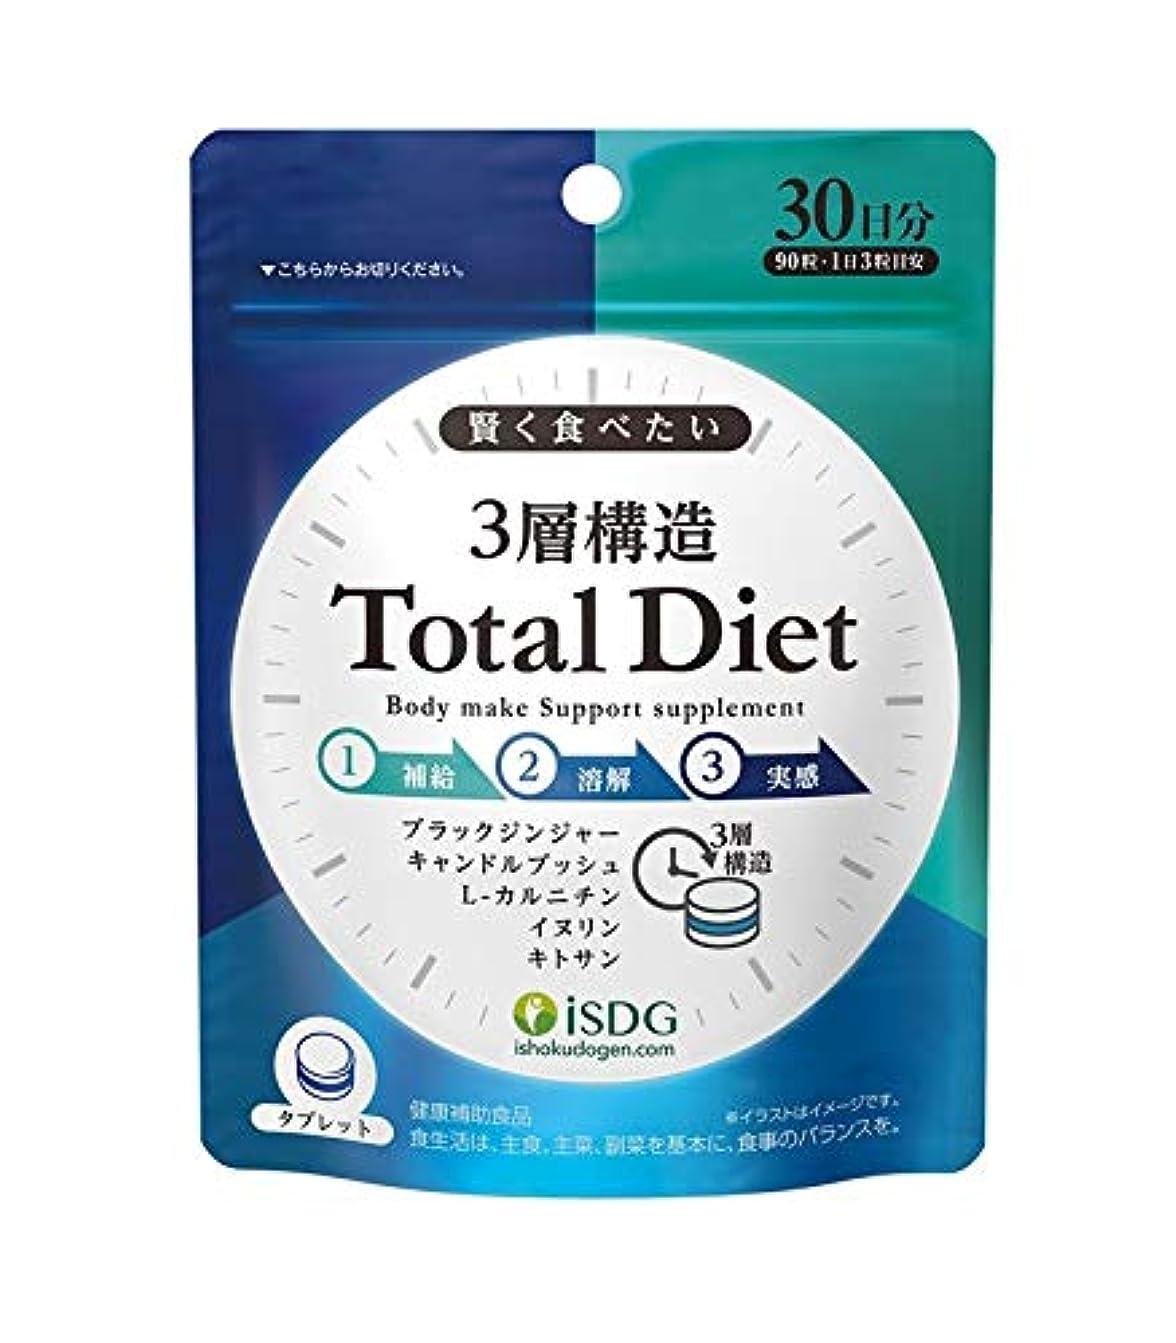 まっすぐにする複雑な動詞医食同源 3層構造Total Diet 90粒